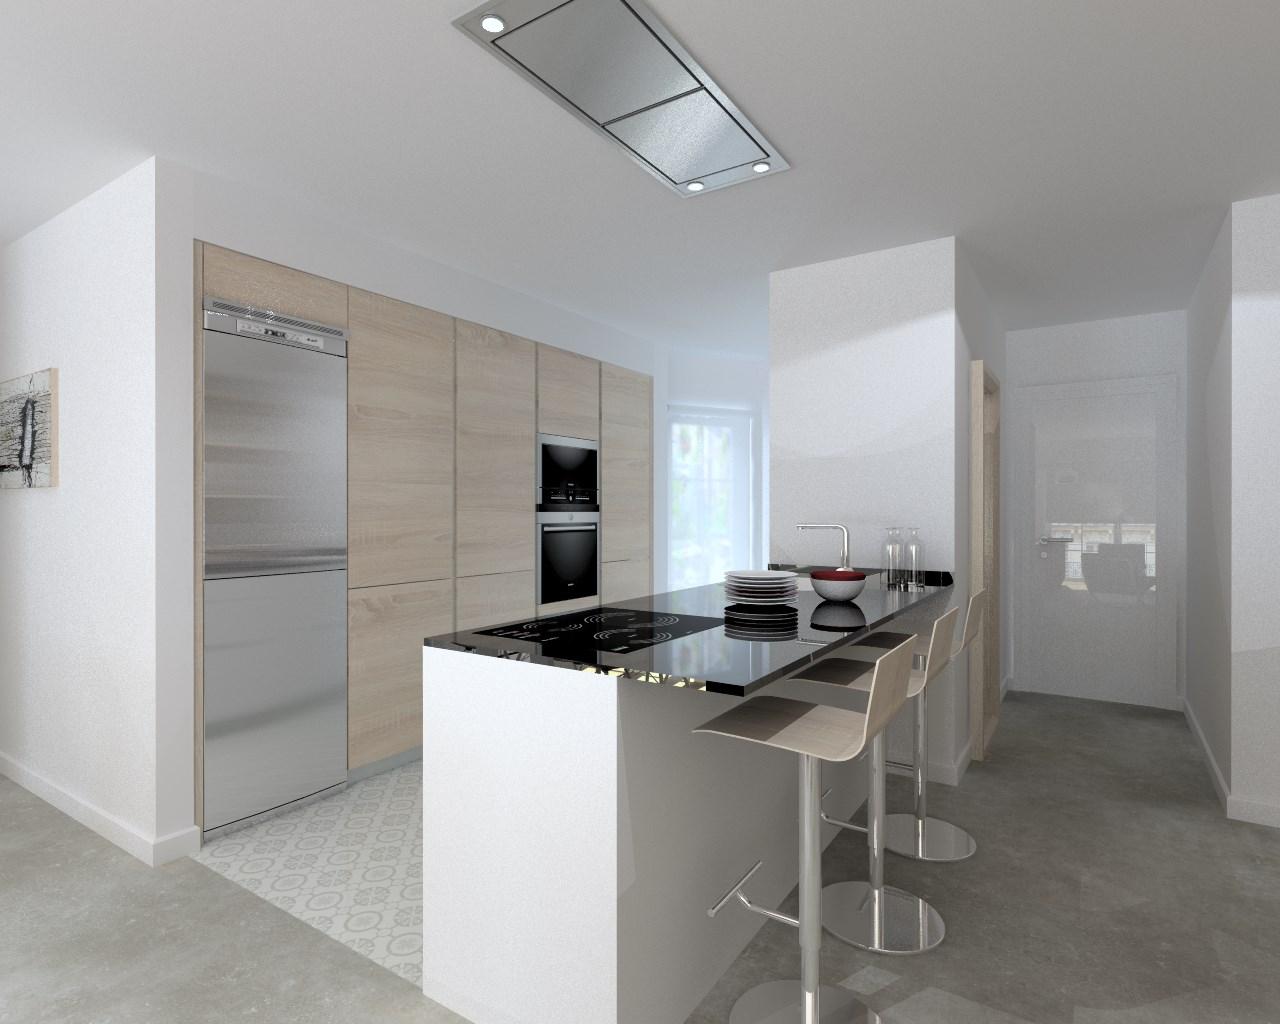 Cocina santos modelo line e blanco encimera granito negro - Cocinas blancas con granito ...